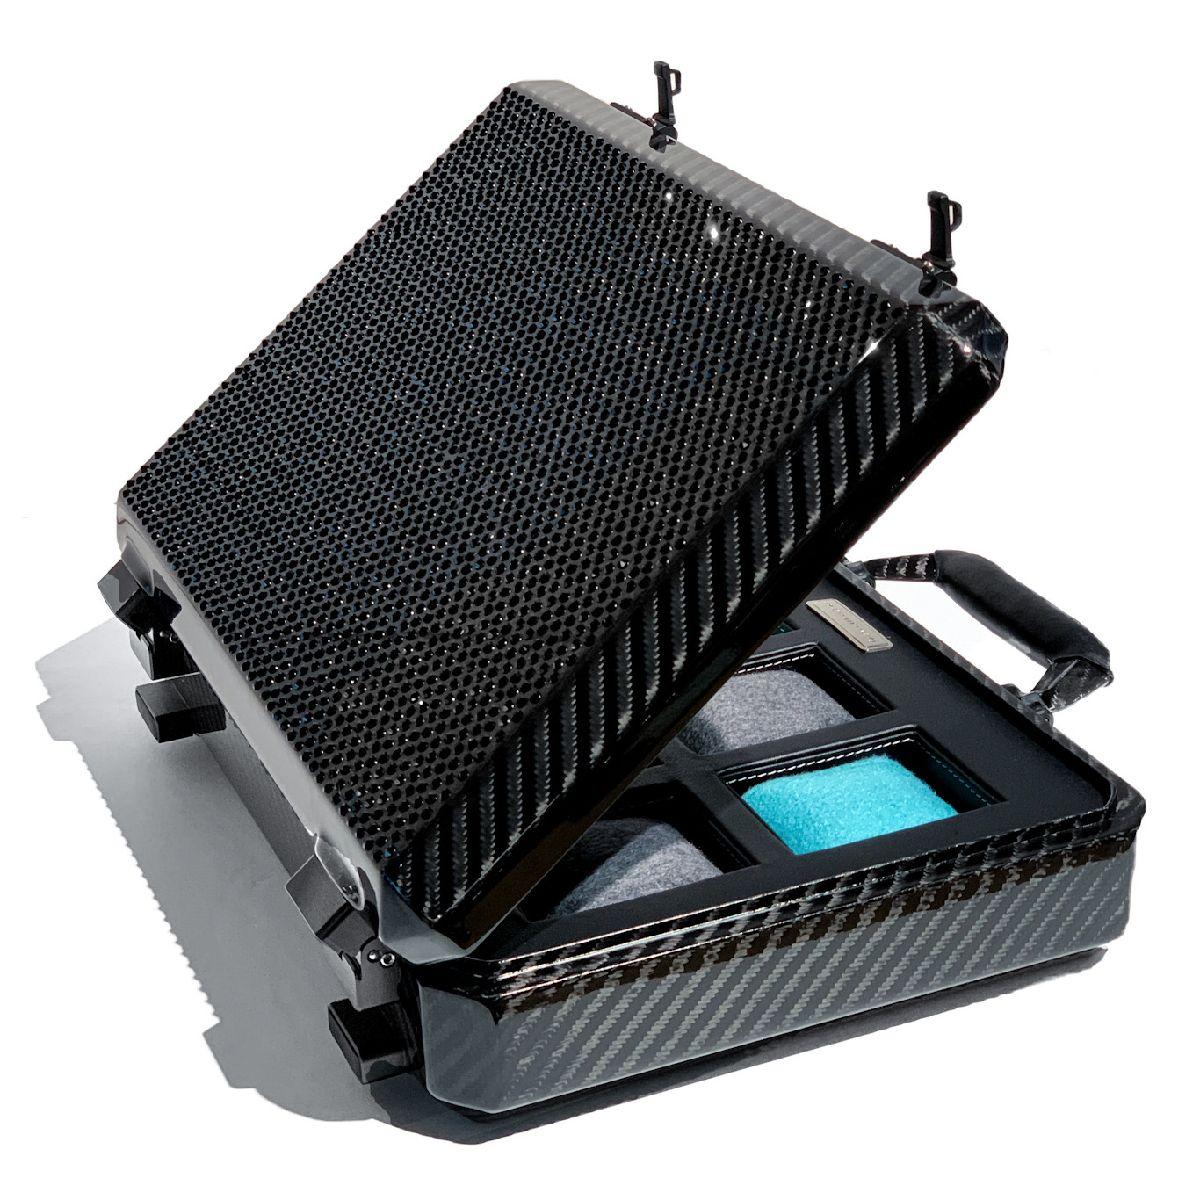 TecknoMonster (テクノモンスター)ウォッチケース 時計ケース コレクションケース アタッシュケース型 アタッシェケース型 ブランド メンズ レディース ソフトカーボンファイバー イタリア製 高級 ラグジュアリー